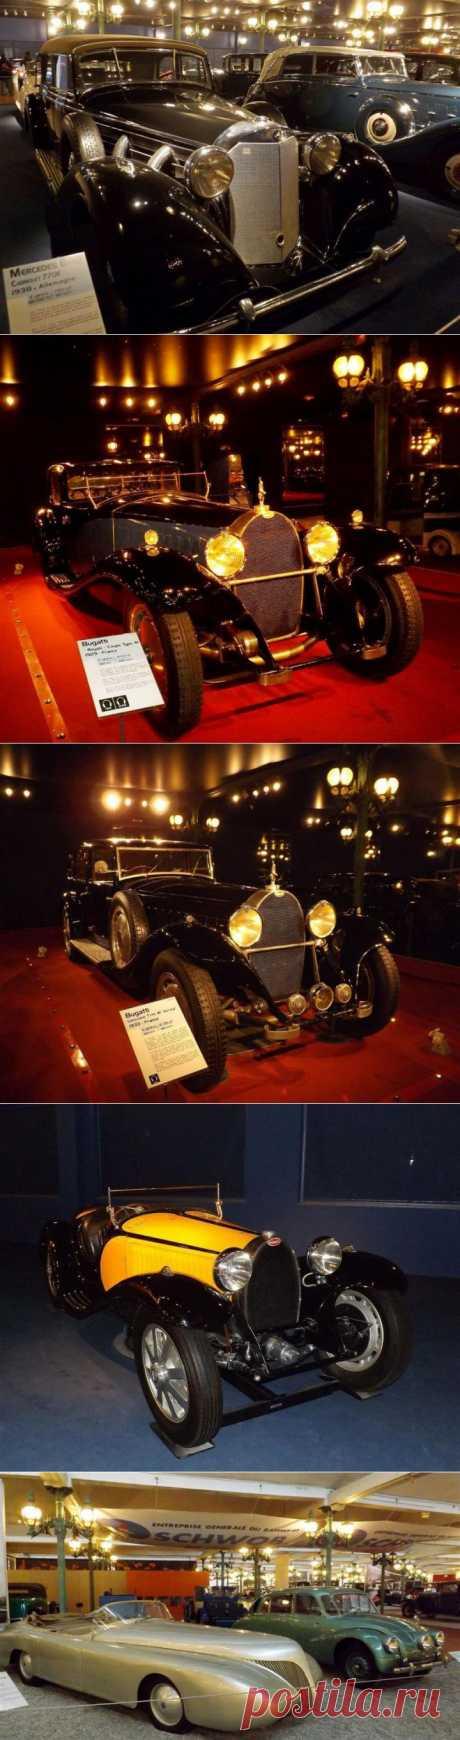 (+1) тема - Cамый большой автомобильный музей в Европе   Непутевые заметки